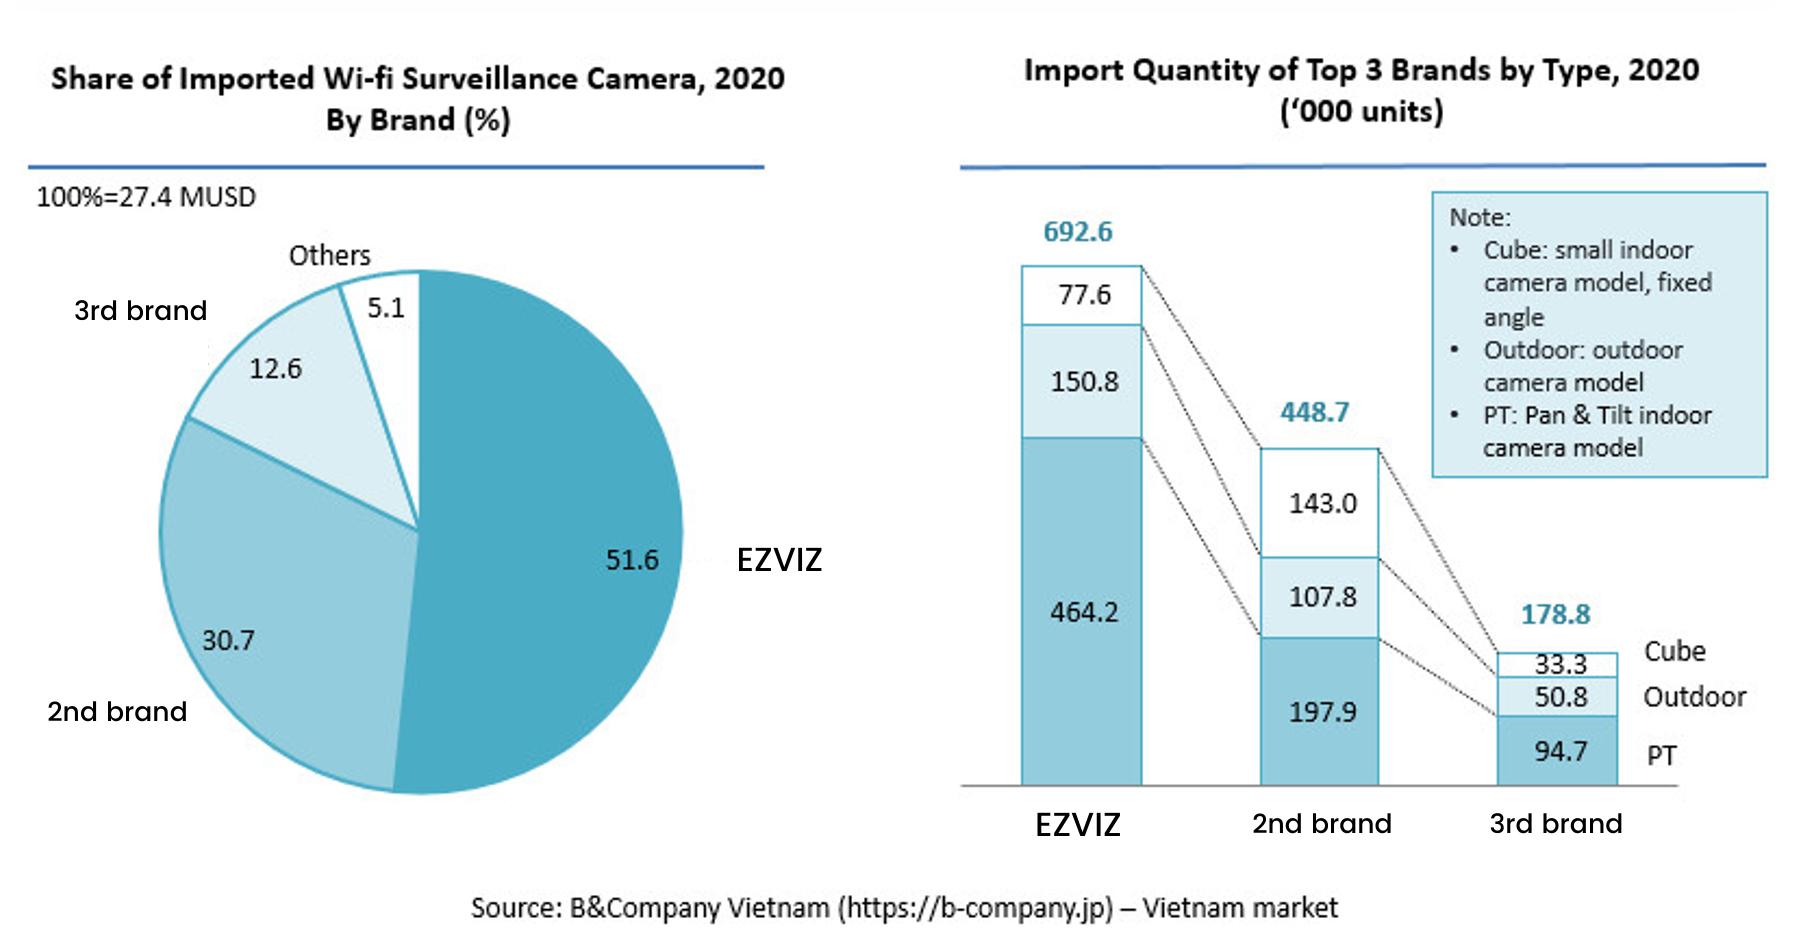 Giá trị camera an ninh Wi-Fi nhập khẩu theo thương hiệu và Tổng lượng nhập khẩu theo dòng camera, 2020 (Nguồn: B&Company).